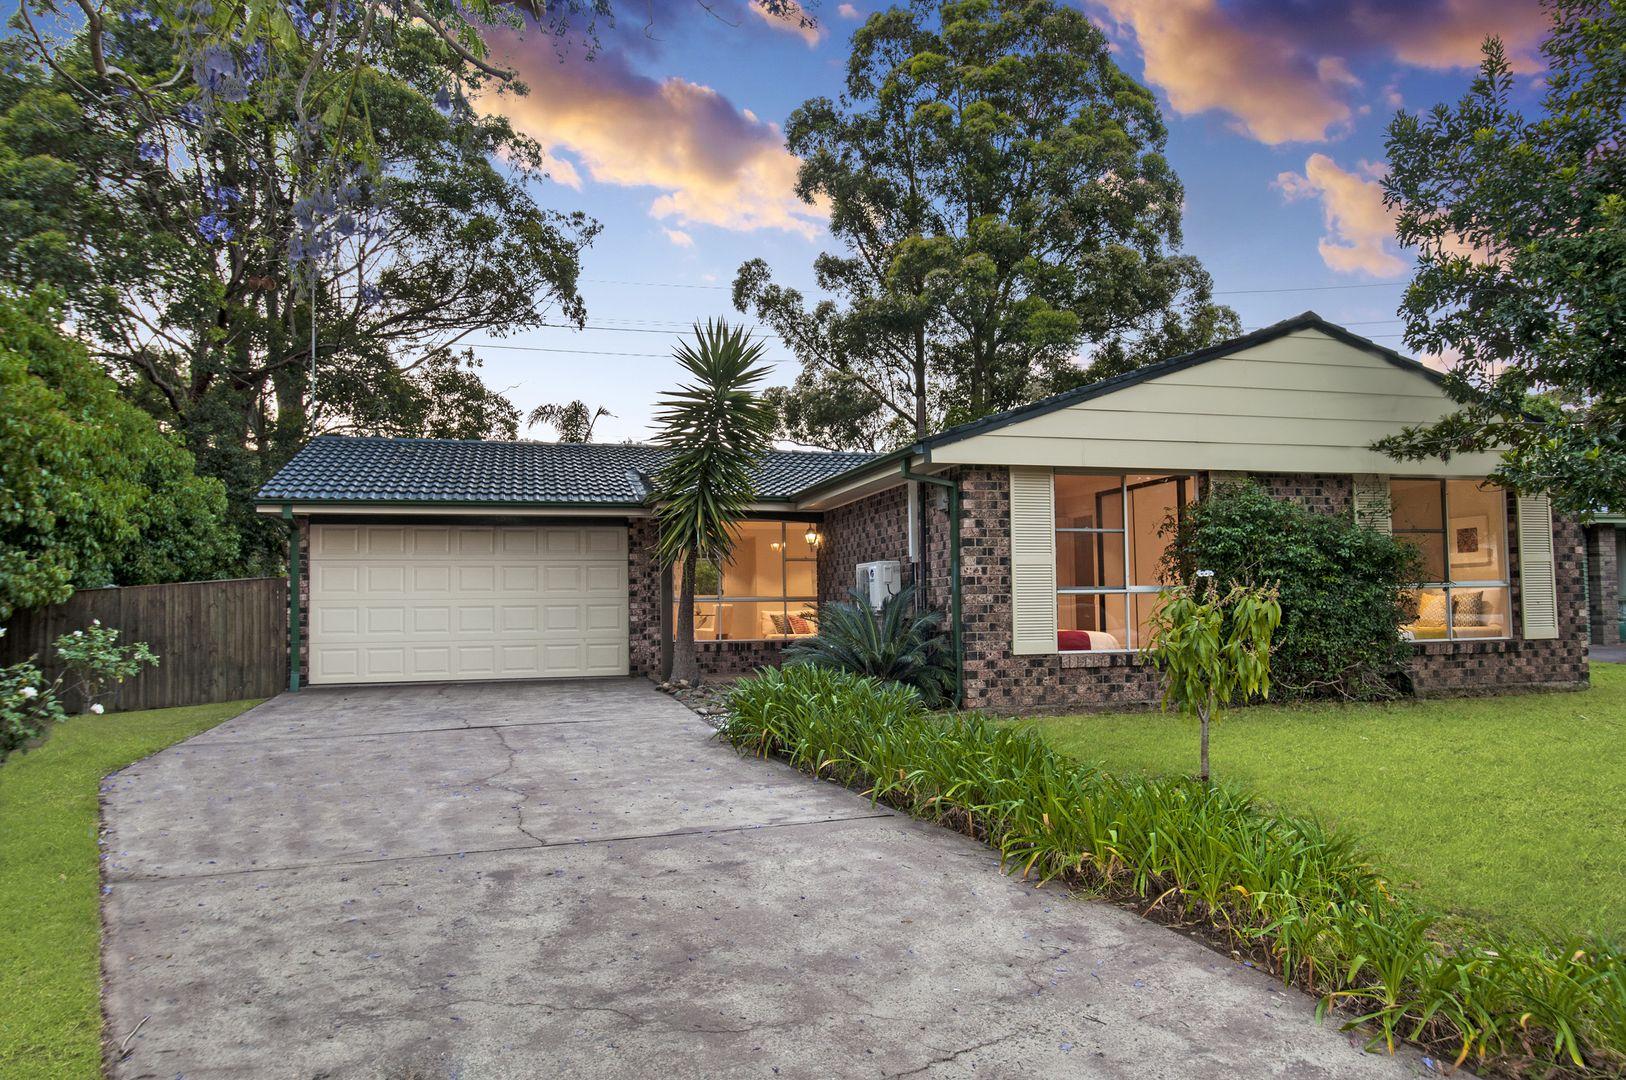 23 Leatherwood Court, Baulkham Hills NSW 2153, Image 0